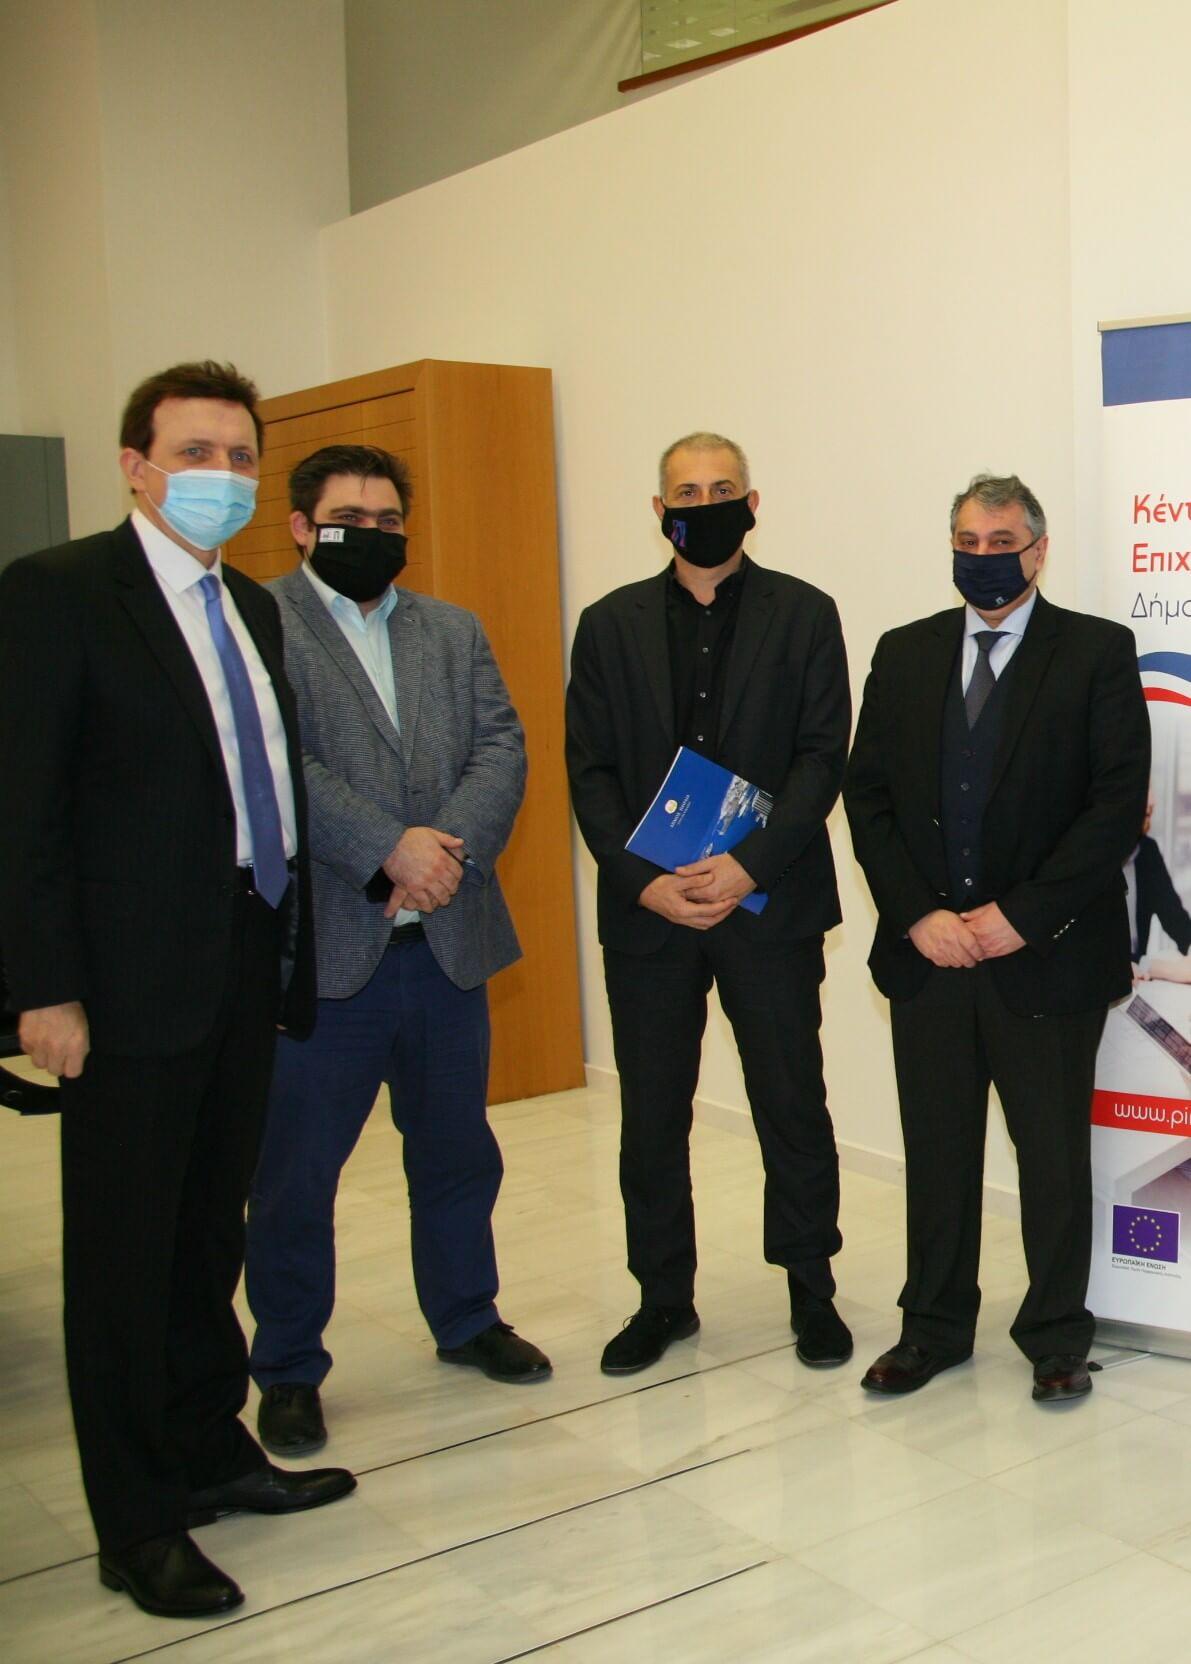 Παρουσίαση υπηρεσιών του Κέντρου Στήριξης Επιχειρηματικότητας του Δήμου Πειραιά για τη δράση